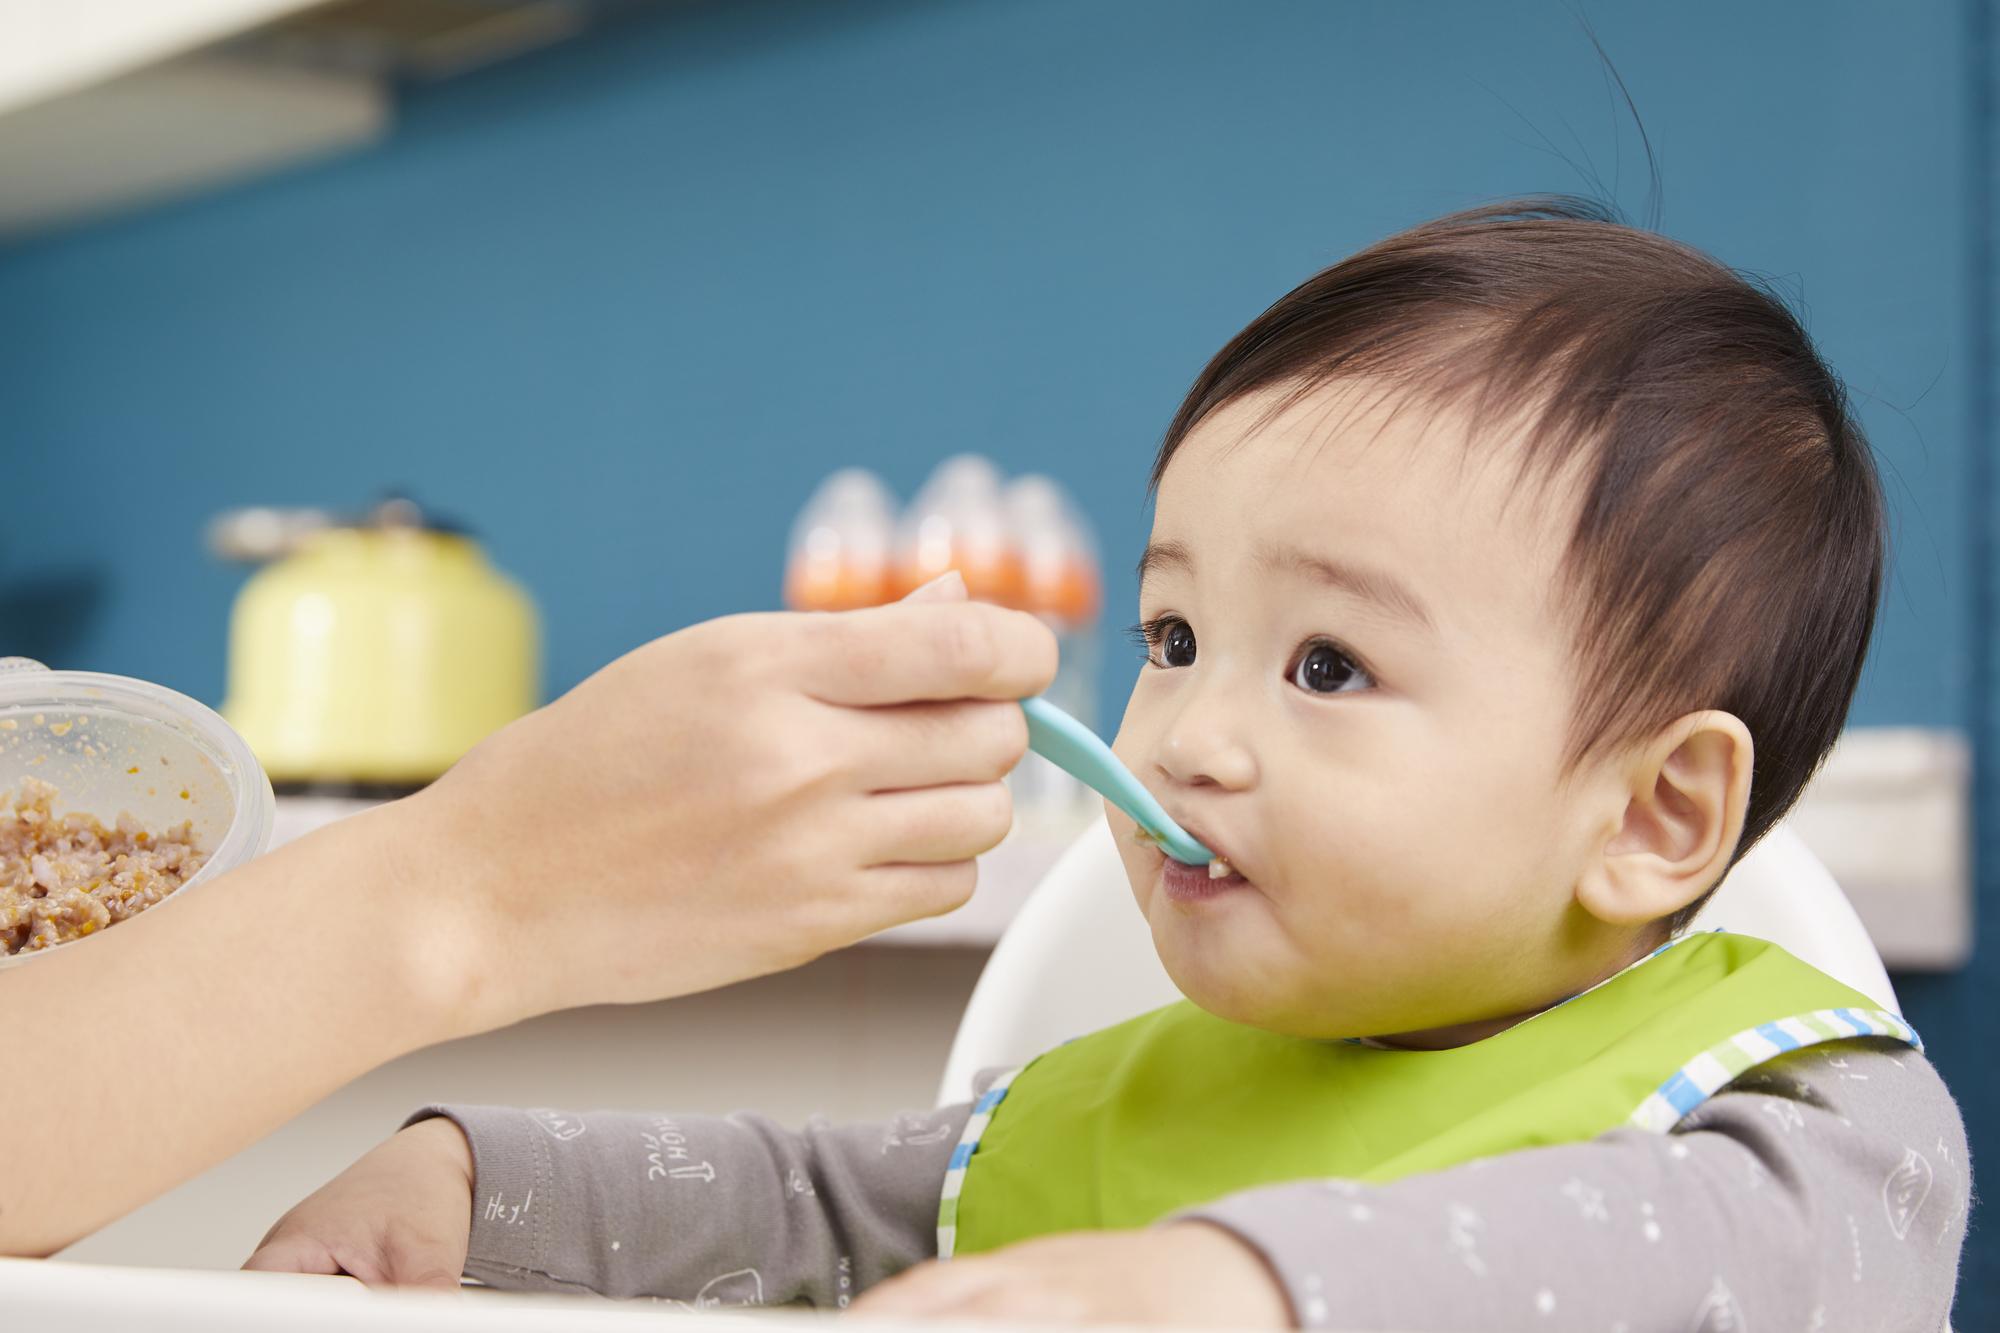 赤ちゃんが風邪のときの離乳食は? おすすめレシピとNG食材